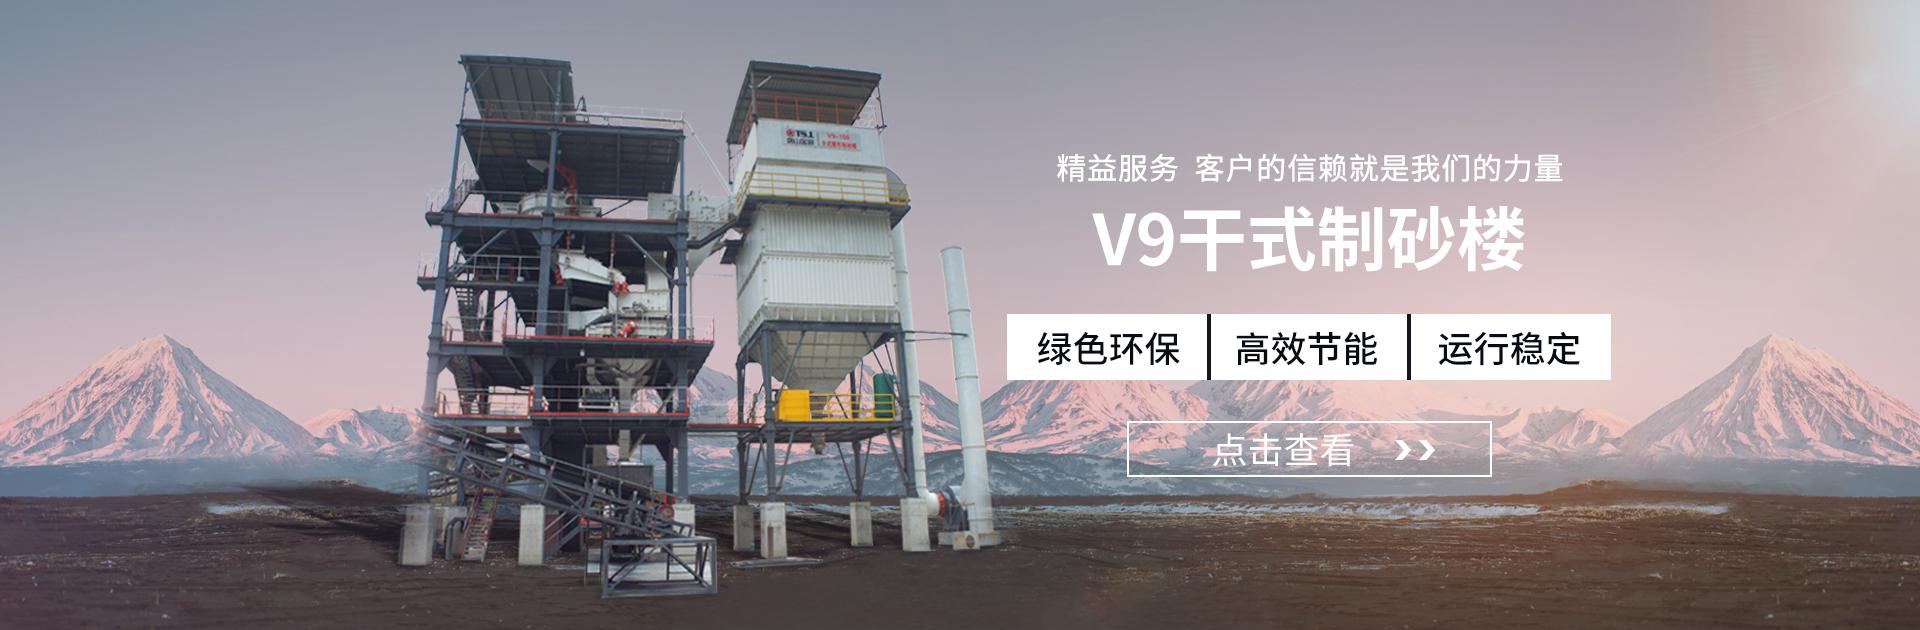 banner-v9